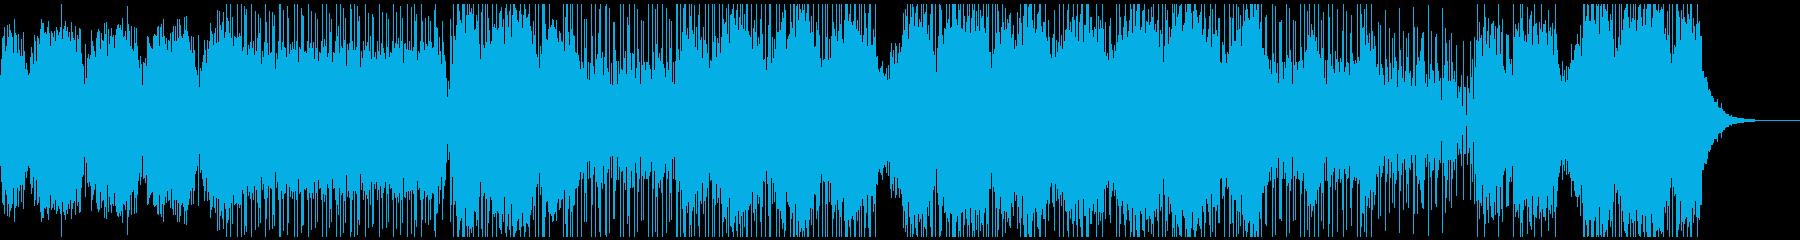 浮遊感のある無機質なDnB風テクスチャの再生済みの波形